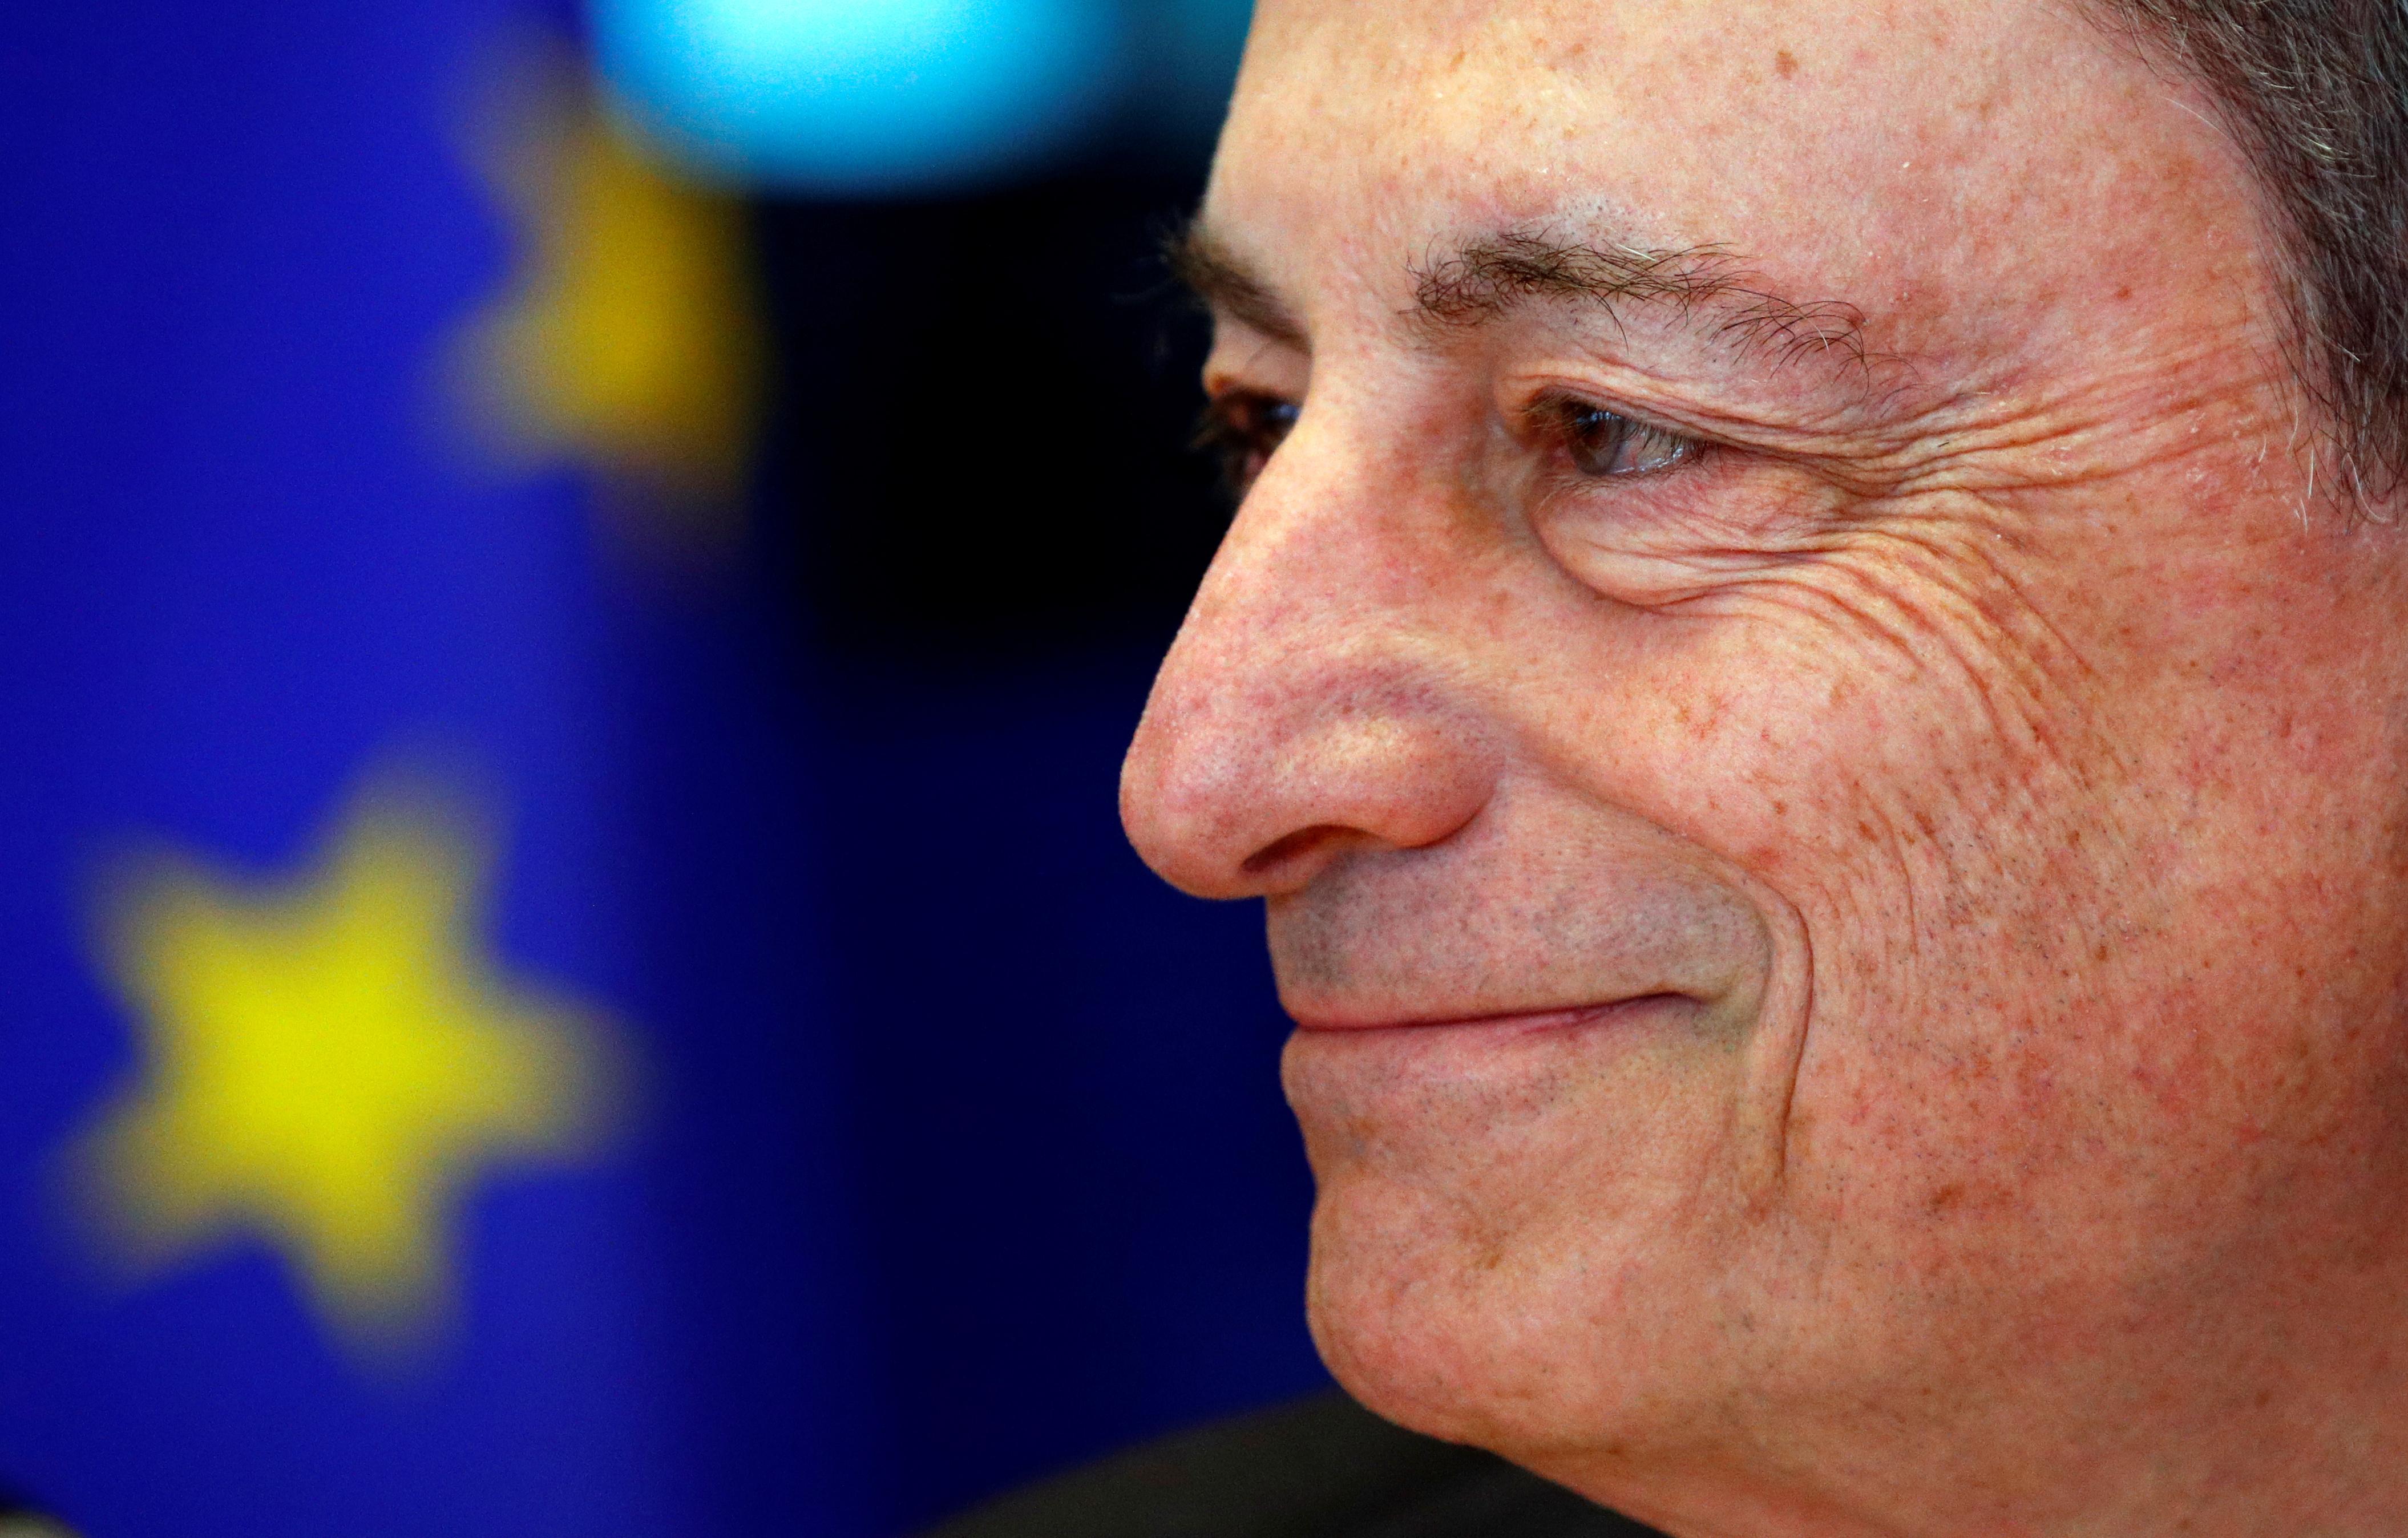 Dette : les taux remontent malgré le scepticisme des investisseurs quant aux rachats de la BCE